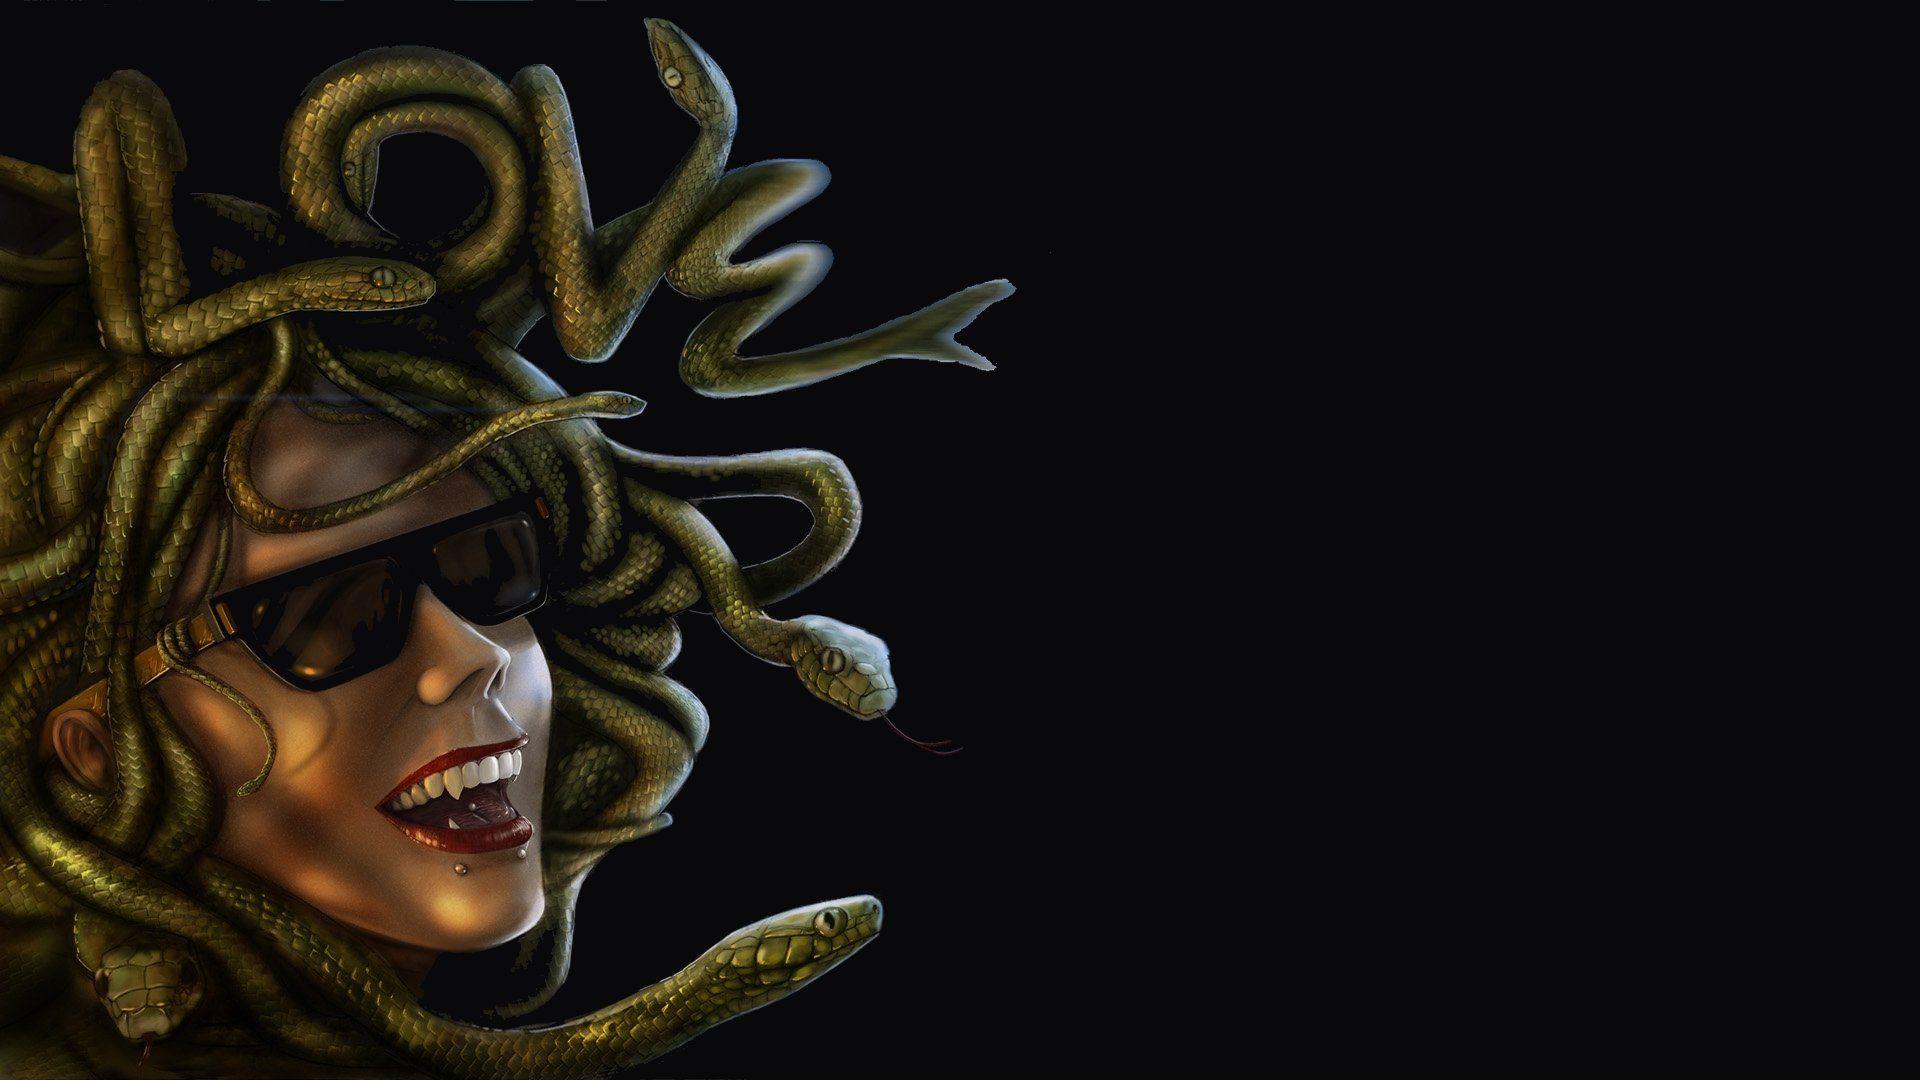 Pin By Mark On Medusa 3 Medusa Pictures Medusa Art Medusa